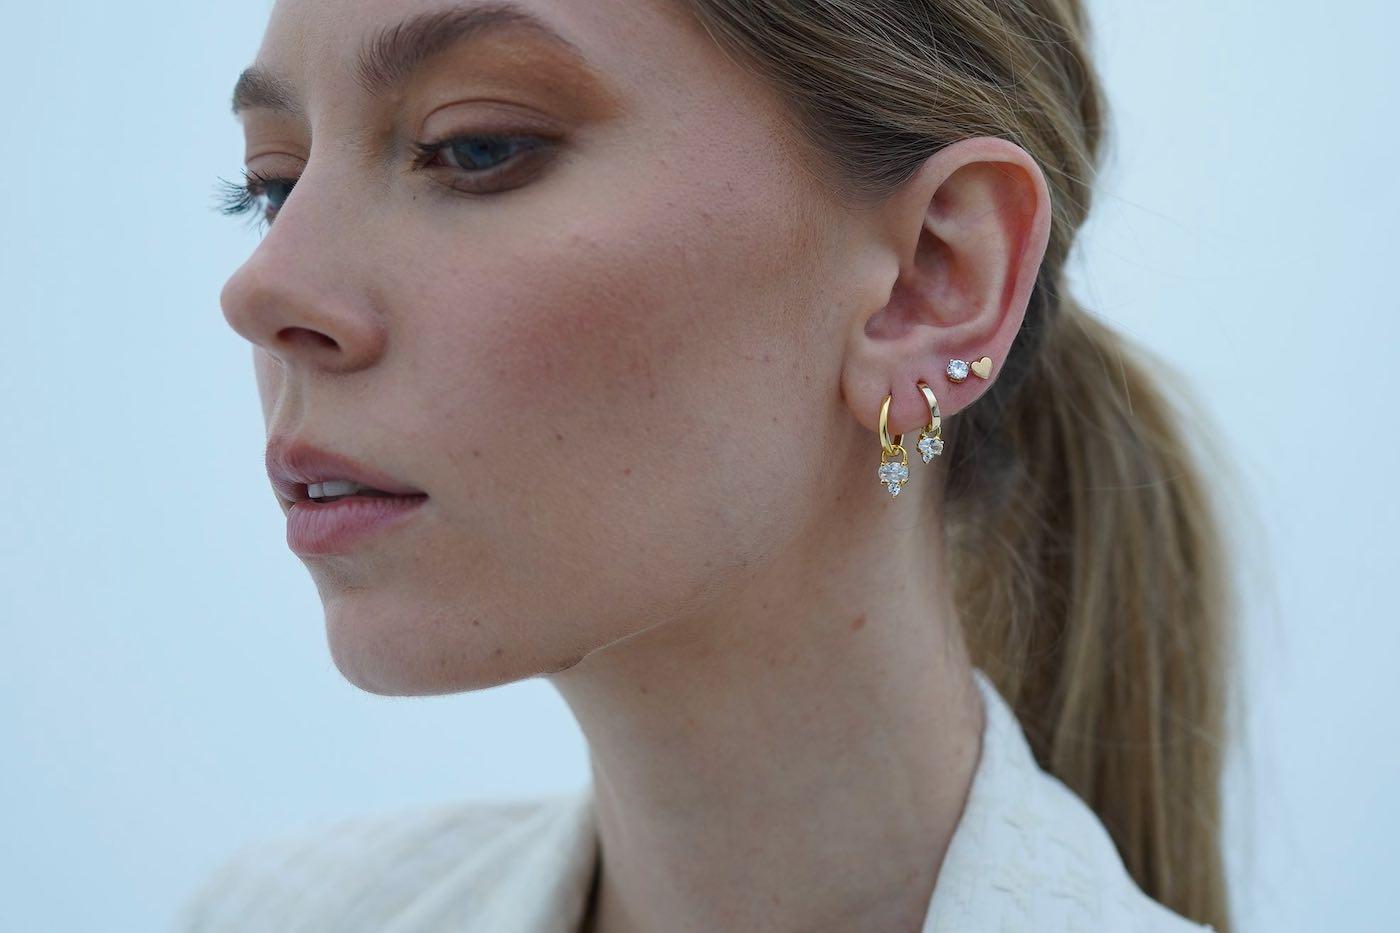 Curated Ear: Viste tus orejas con elegancia